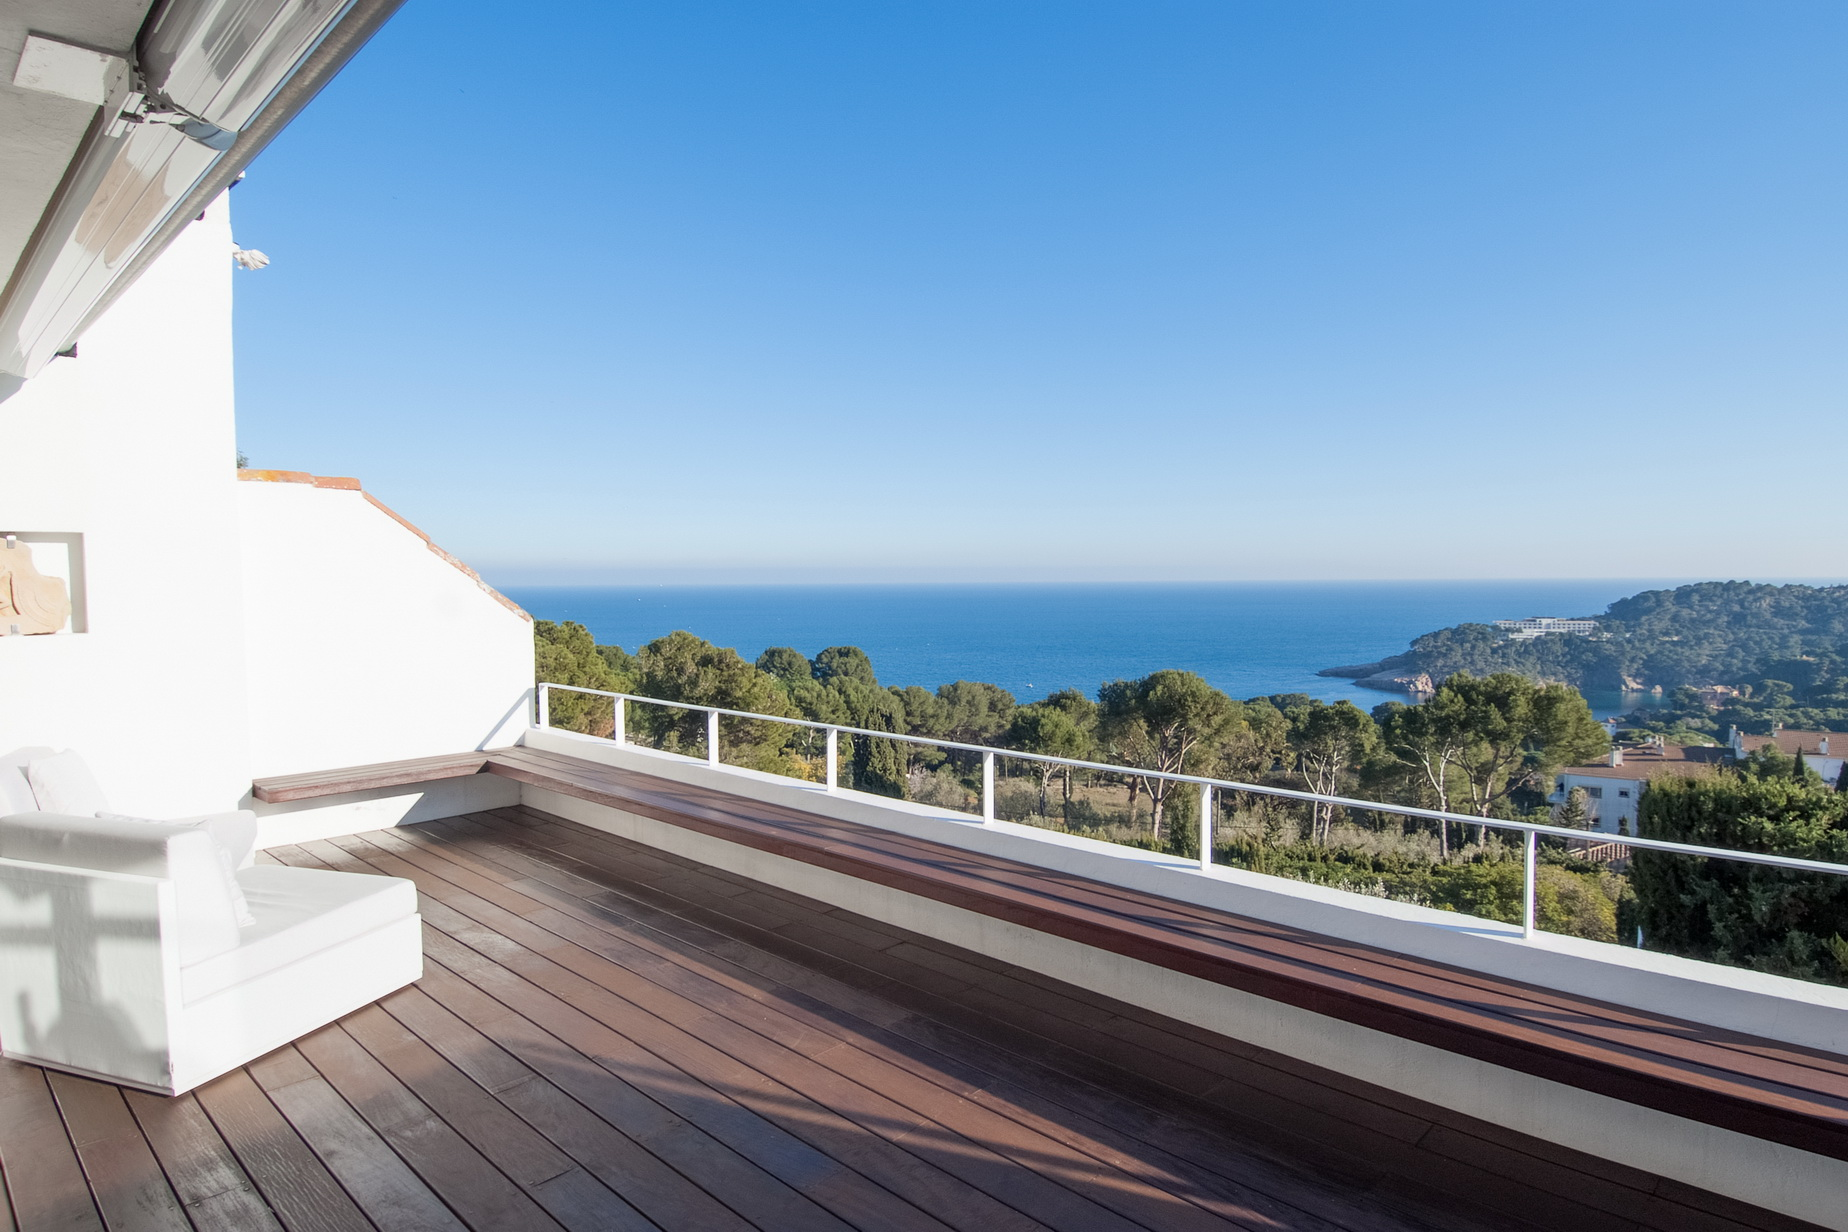 Apartamento para Venda às Exquisite apartment with sea views in Aiguablava Begur, Costa Brava, 17255 Espanha